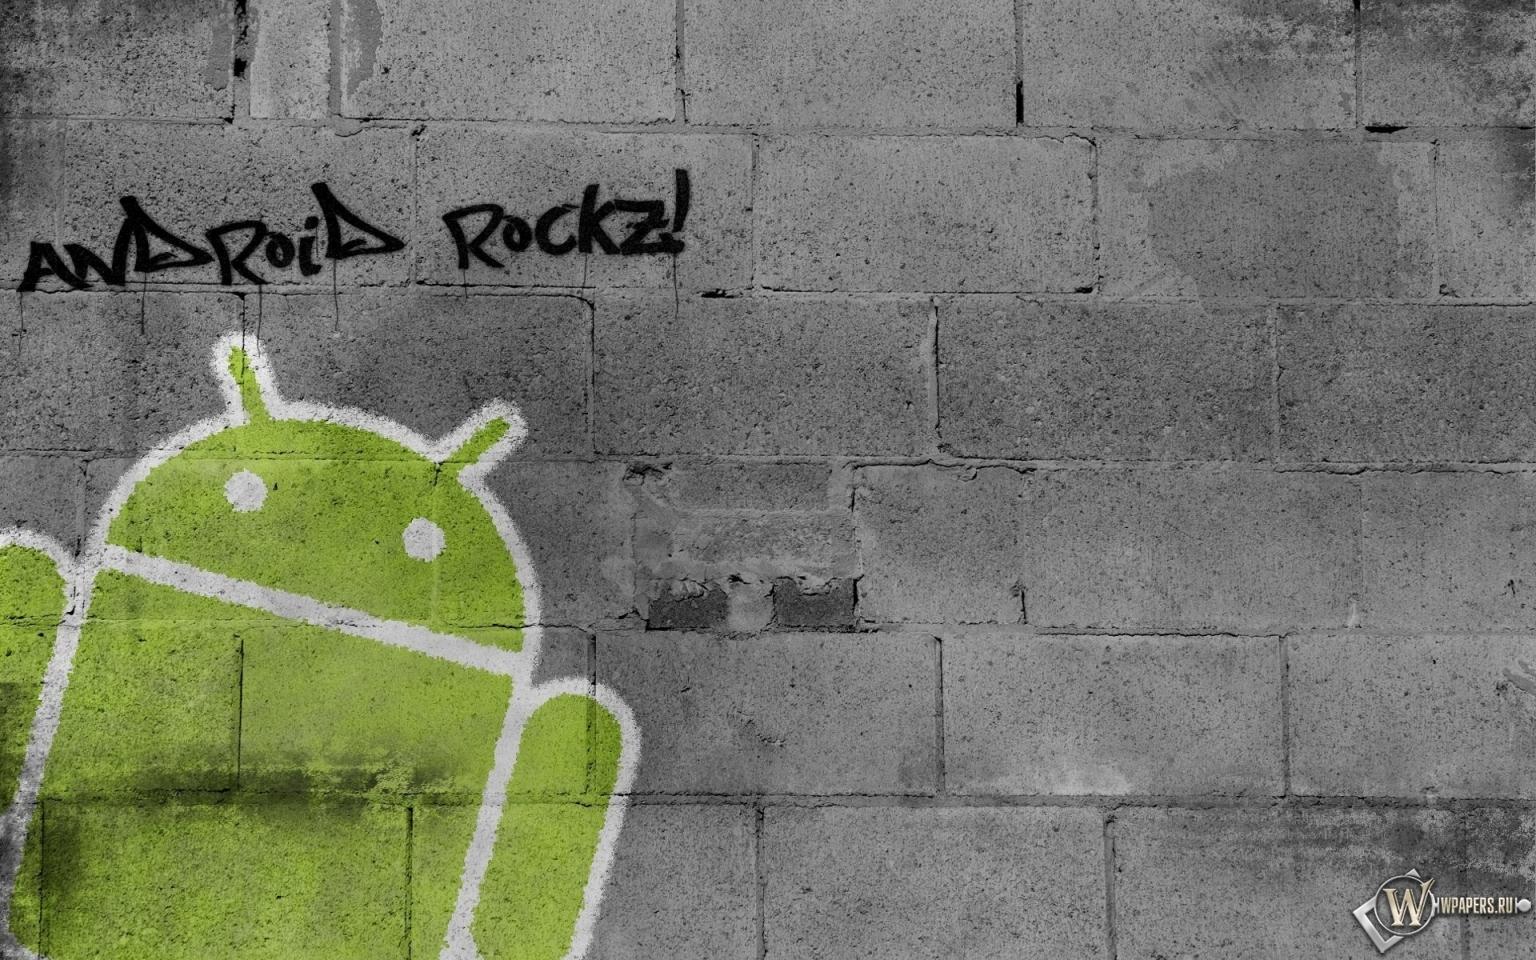 Android технологии 1536x960 картинки